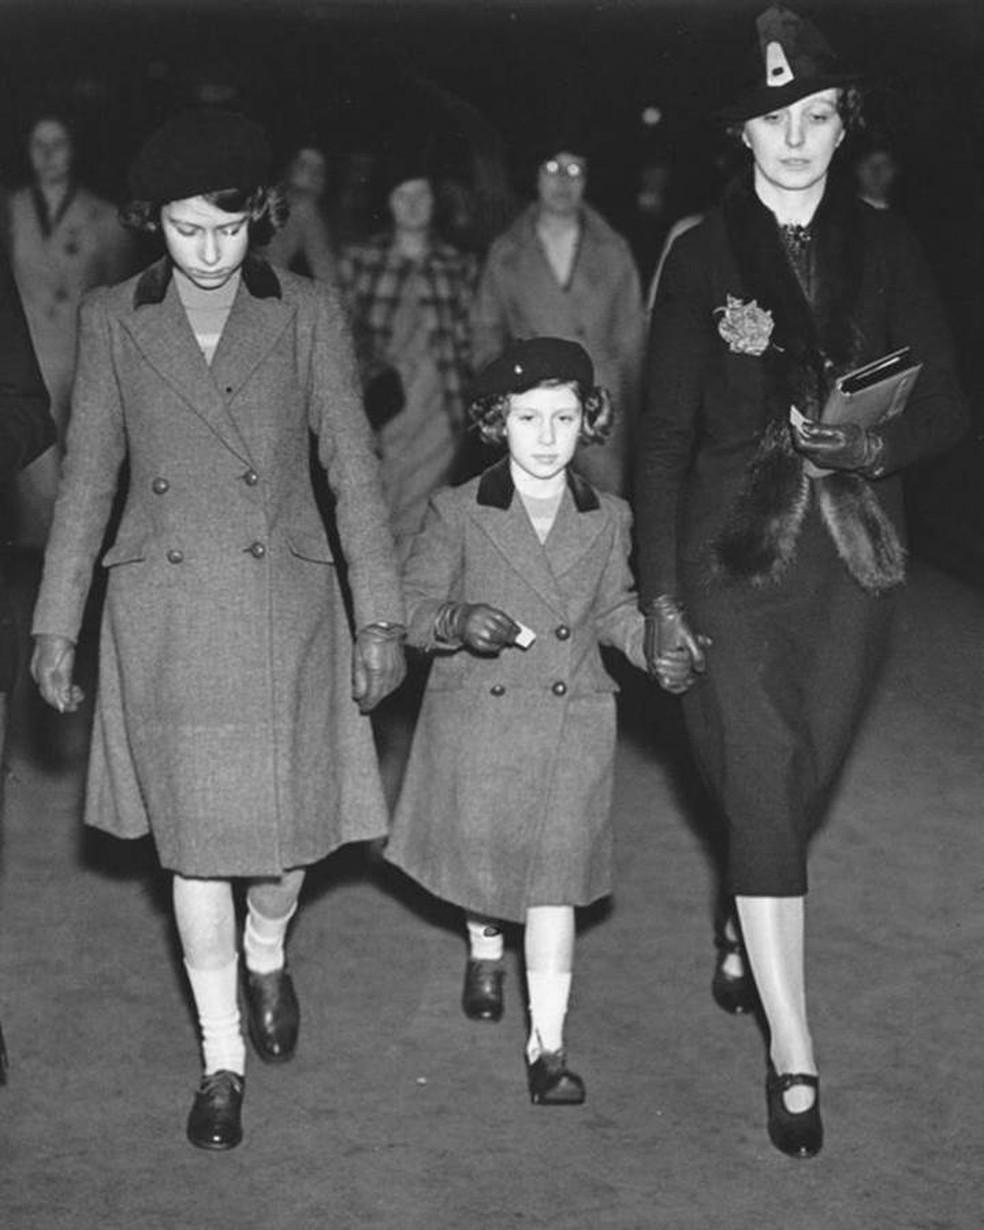 'Crawfie' era governanta das princesas Elizabeth e Margaret e apresentou a elas aspectos da vida cotidiana — Foto: Getty Images via BBC